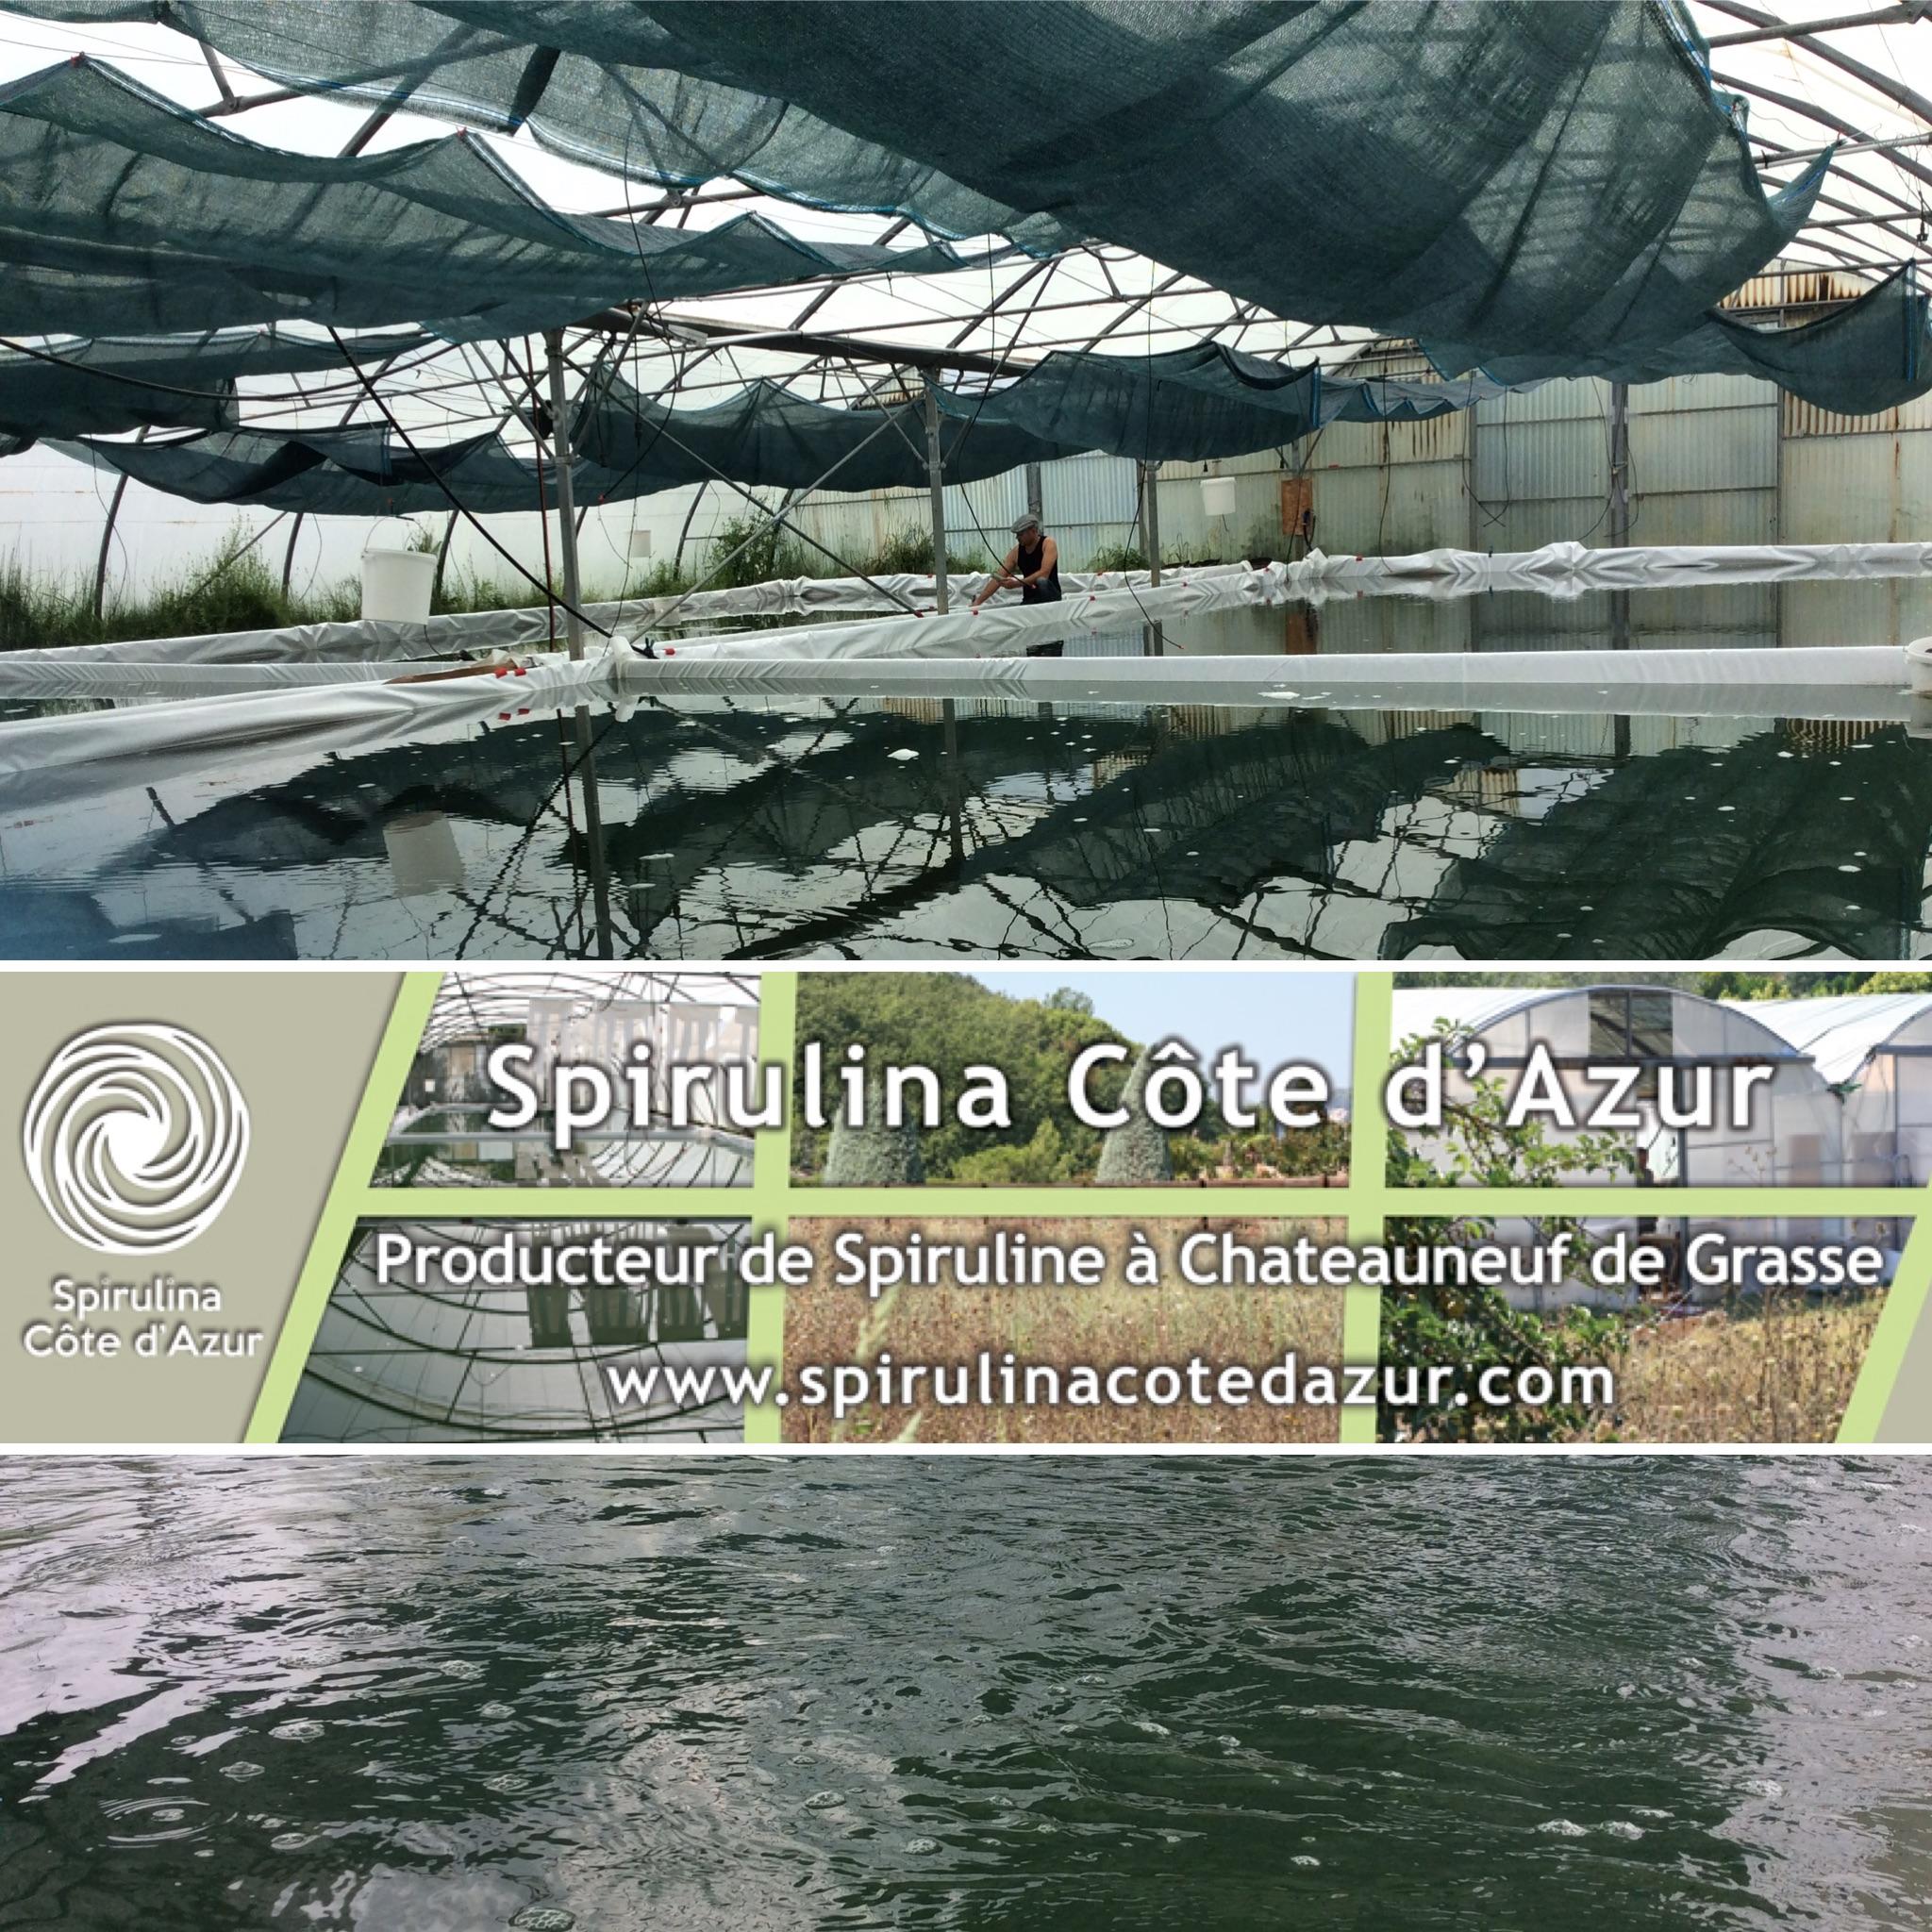 Photographie de l'exploitation agricole de spiruline Spirulina Côte d'Azur.